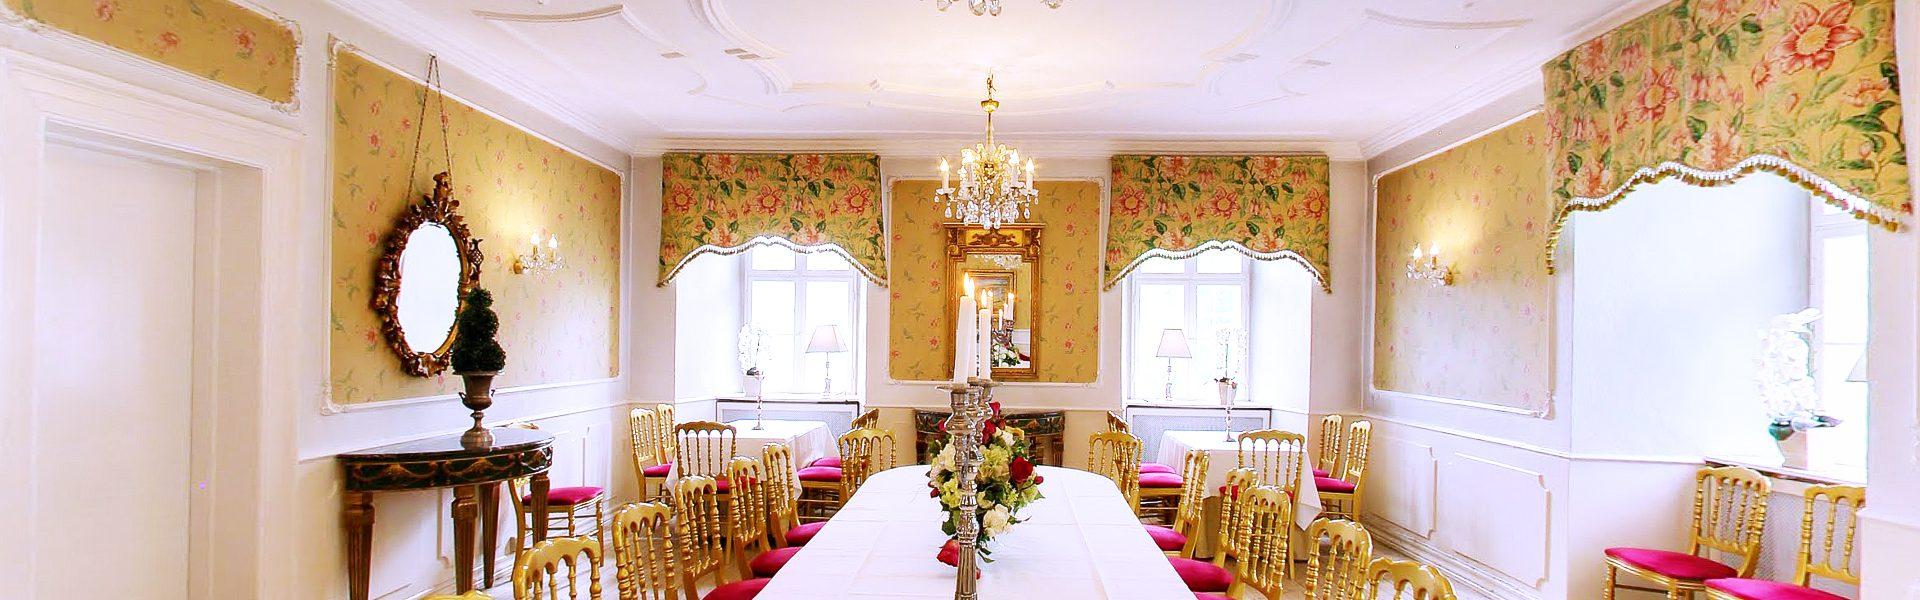 Yellow dinning room 4